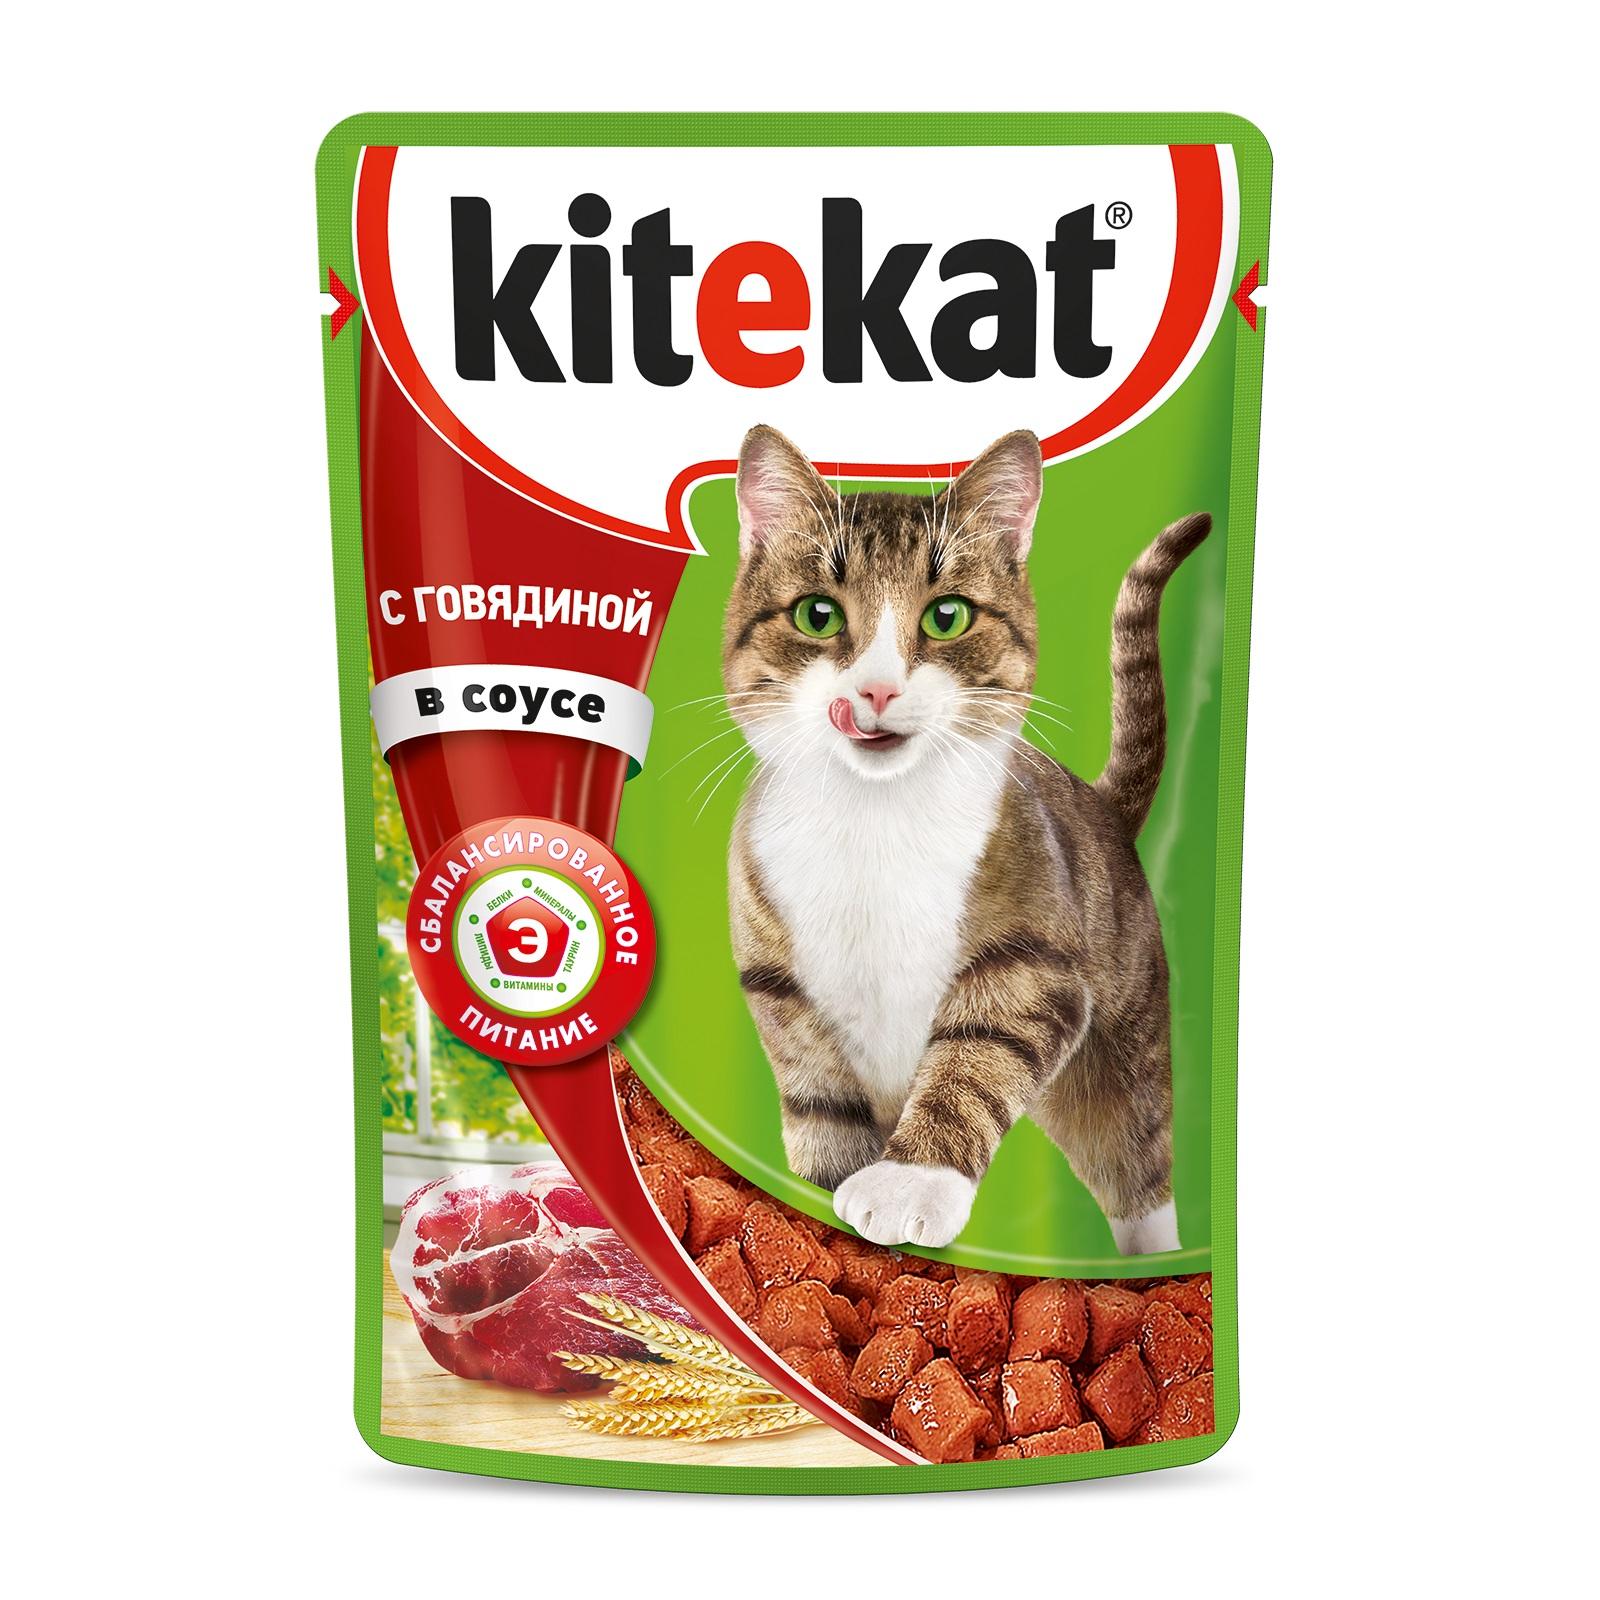 Влажный корм для кошек Kitekat с сочными кусочками говядины в соусе, 28 шт по 85г